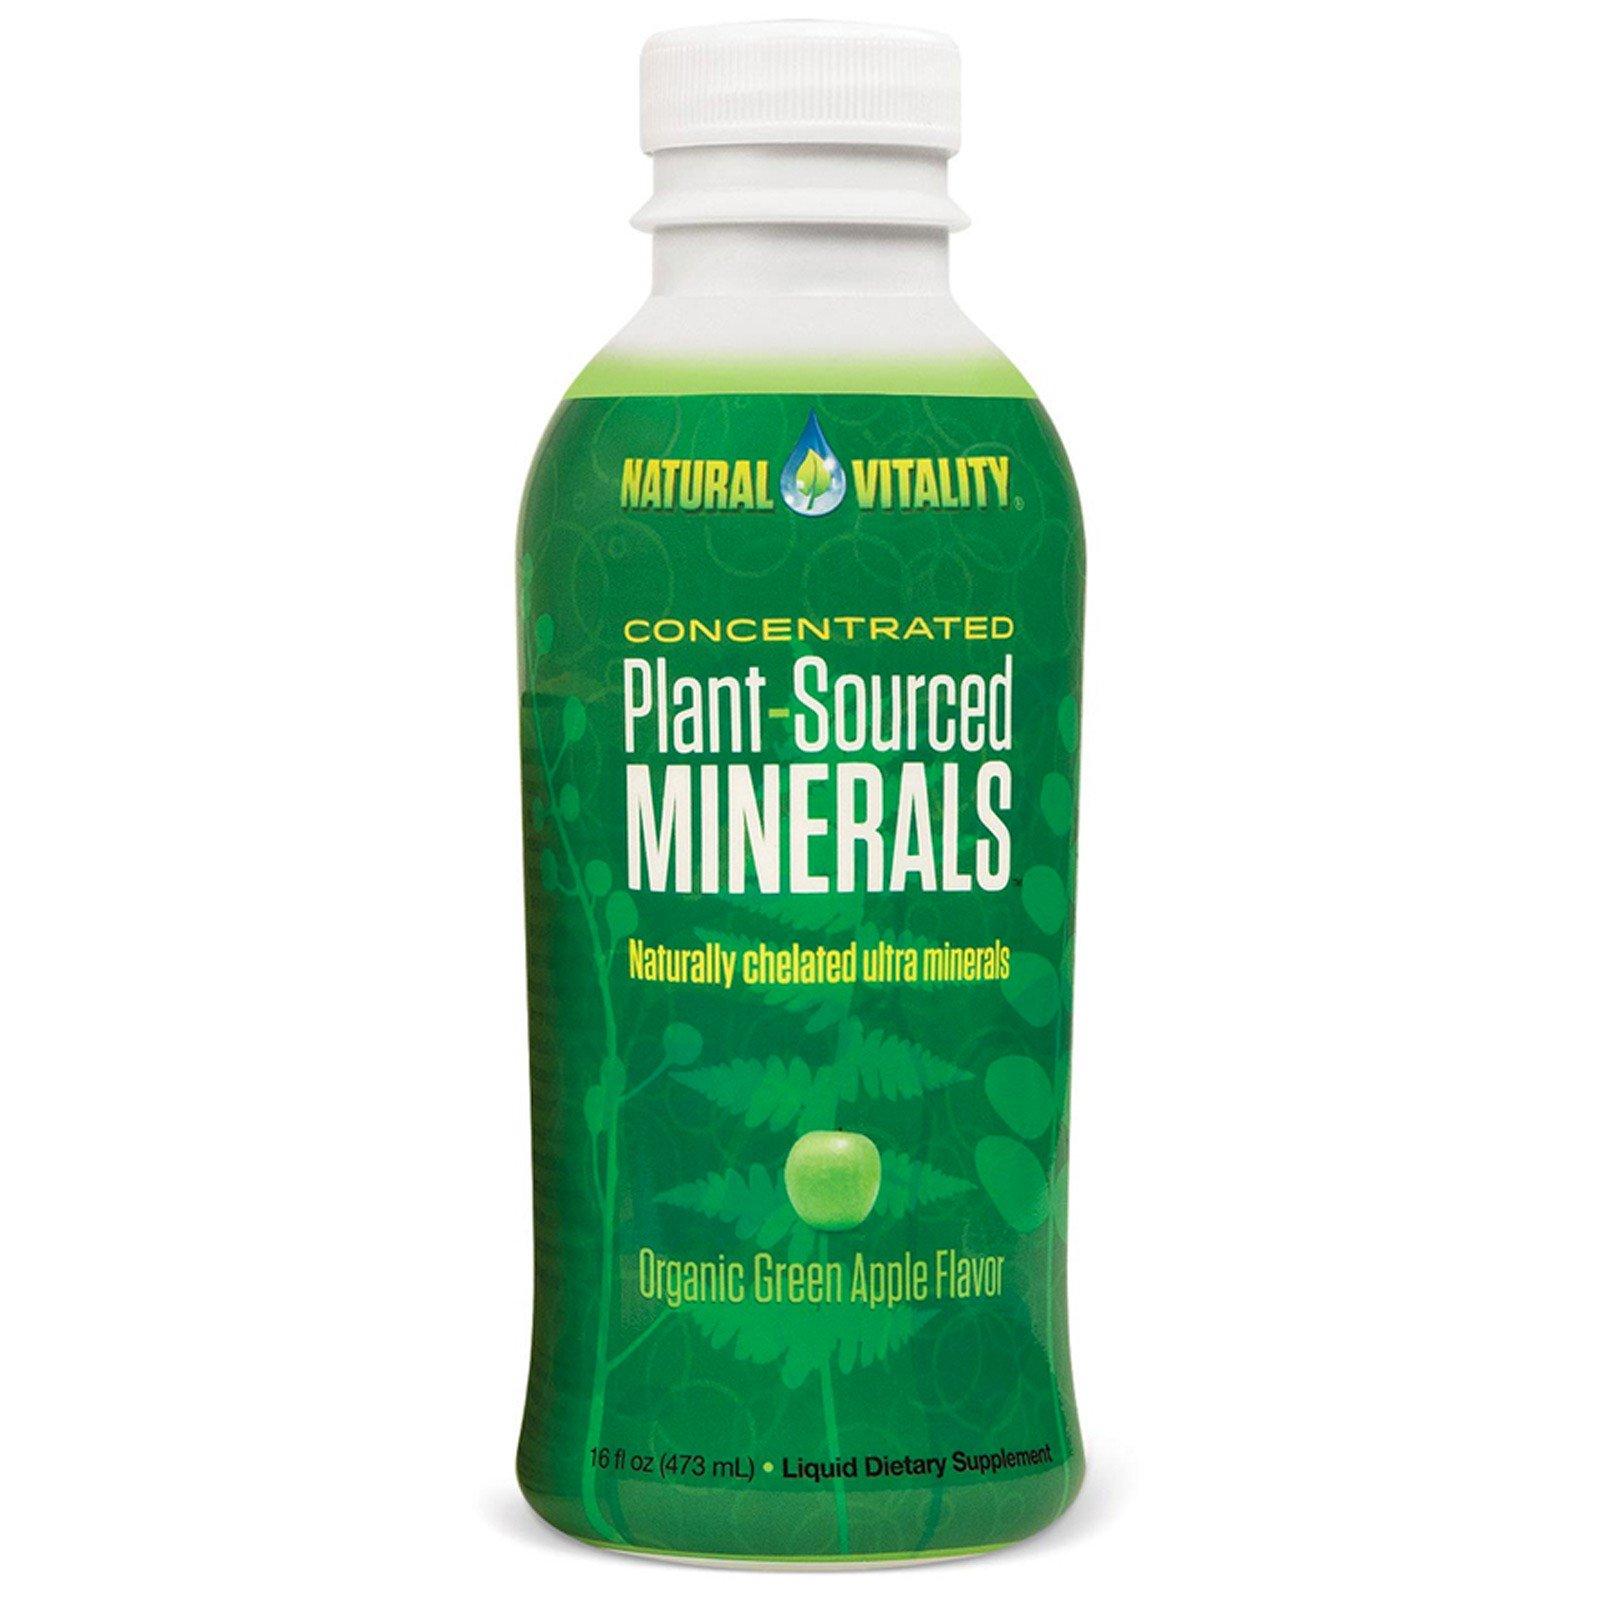 Natural Vitality, Растительные минералы, со вкусом органического зеленого яблока, 16 ж. унций (473 мл)